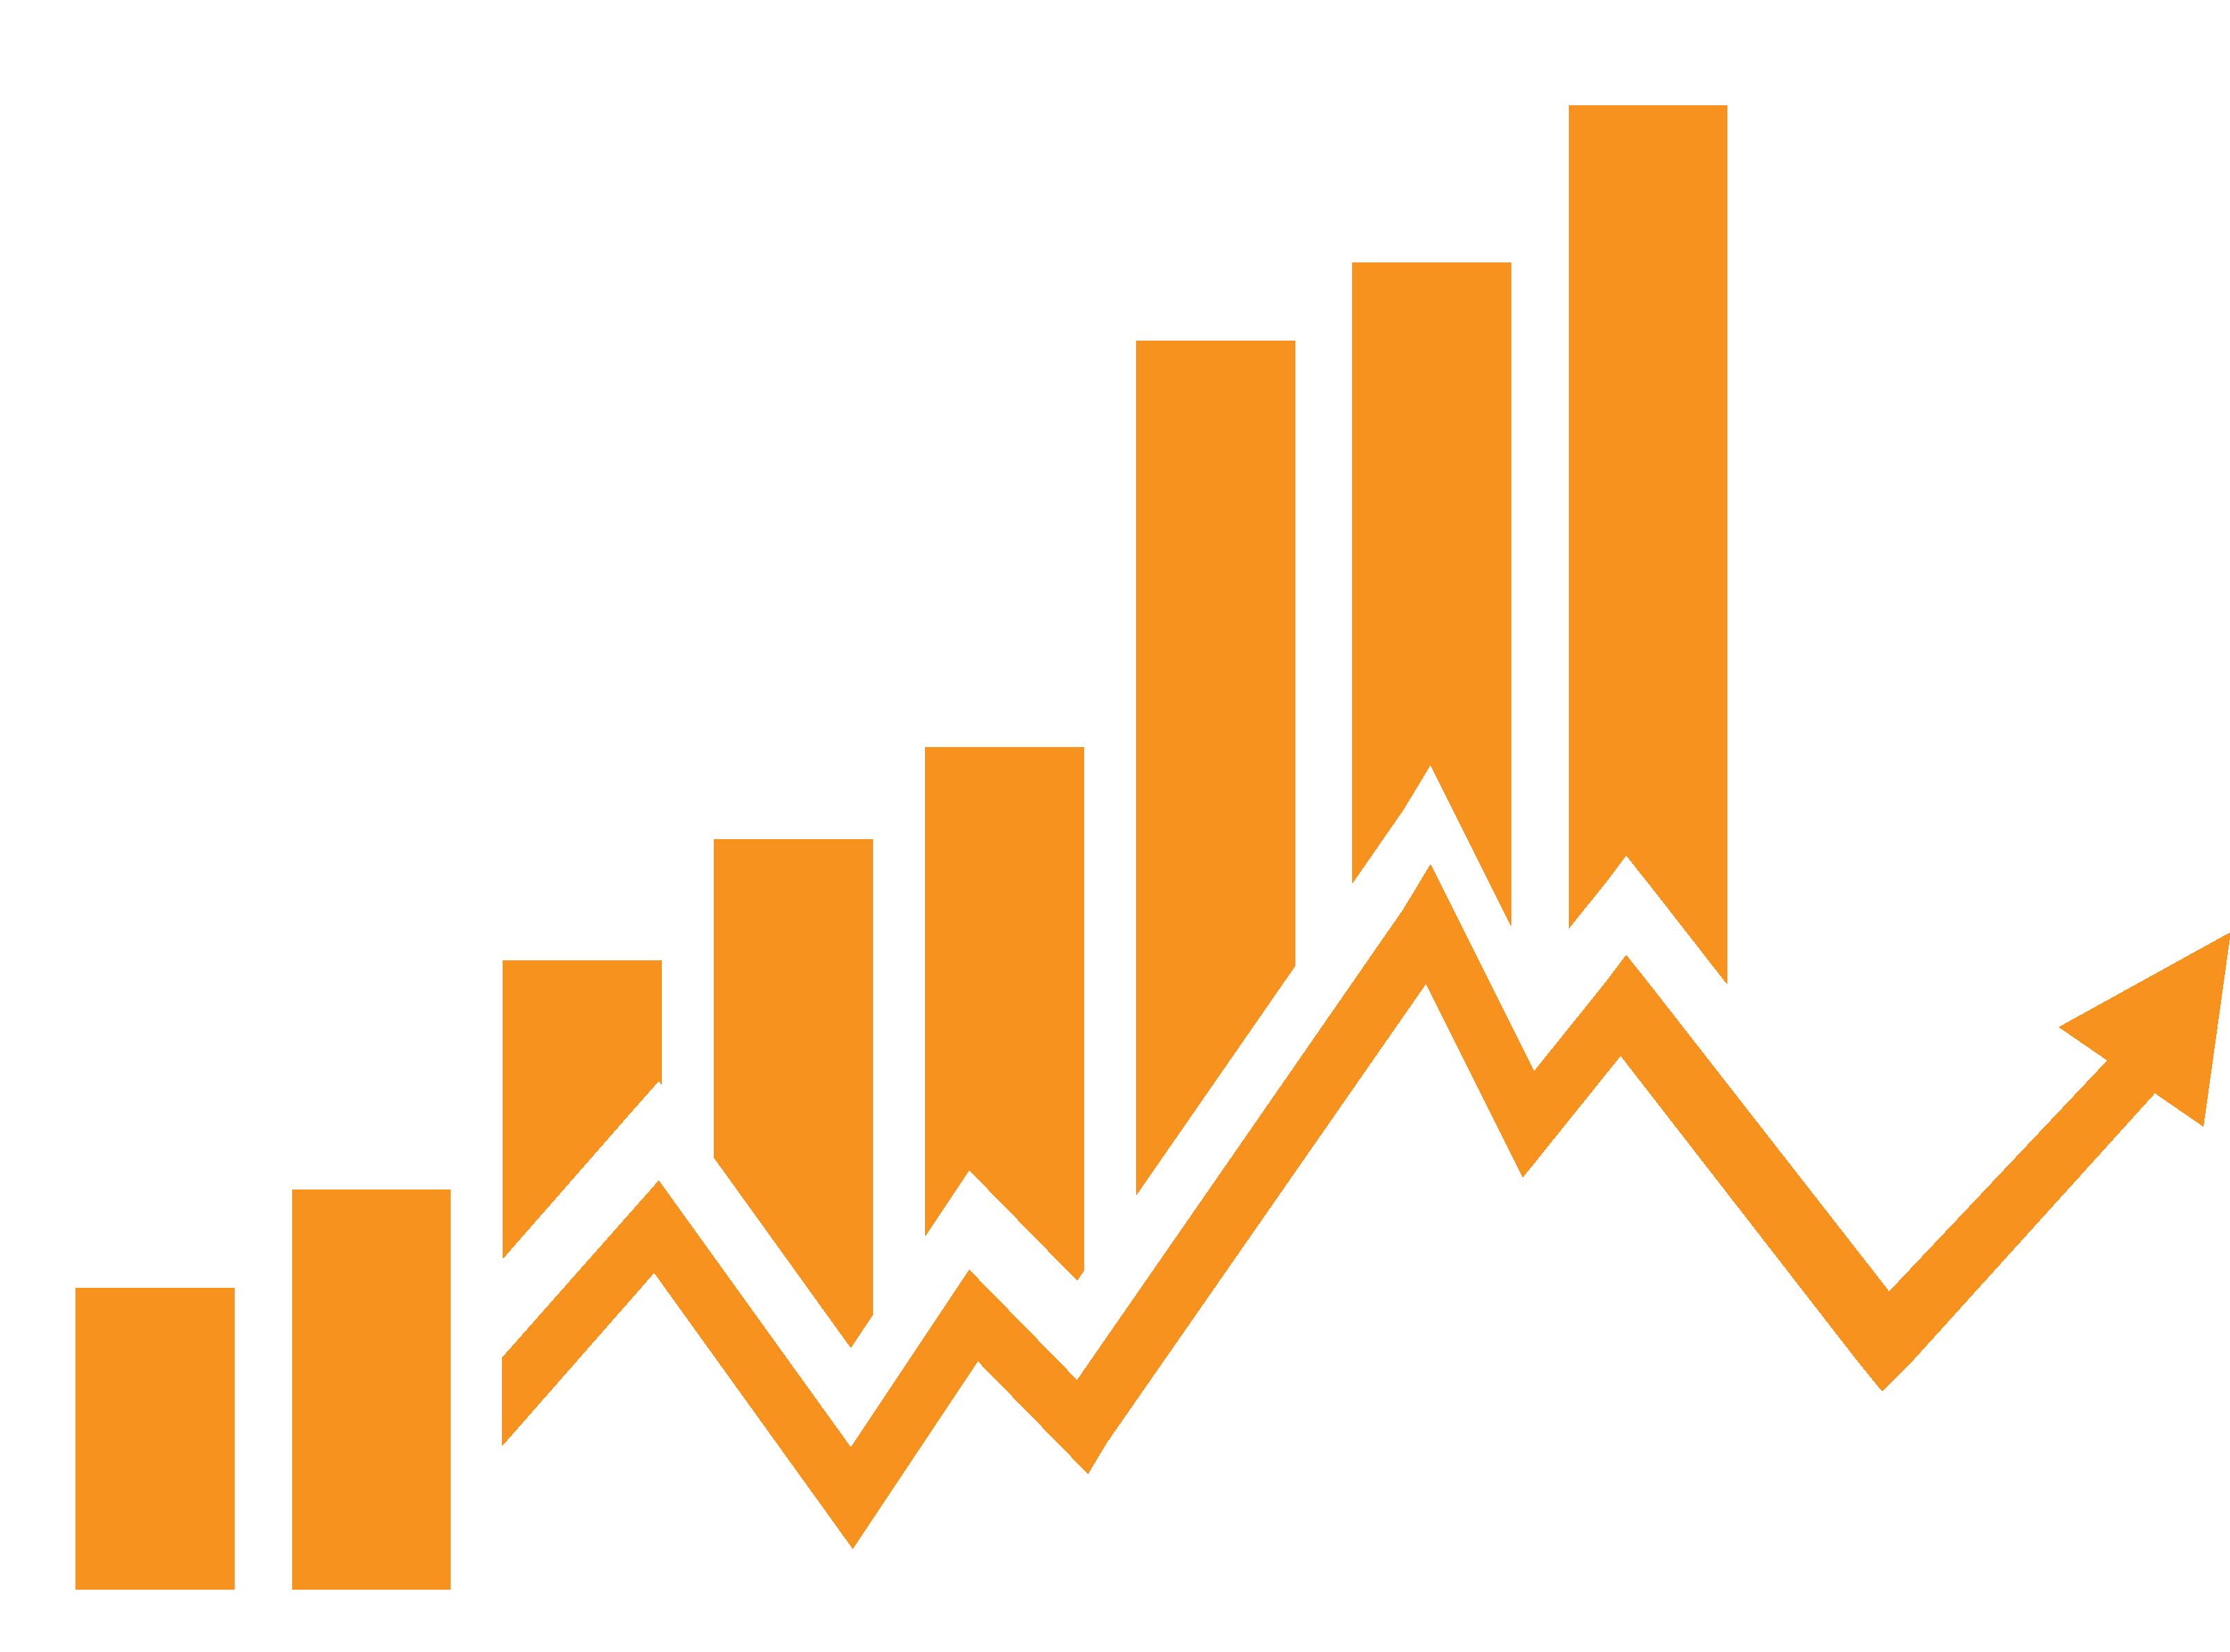 MarketStar's Competitive Advantages